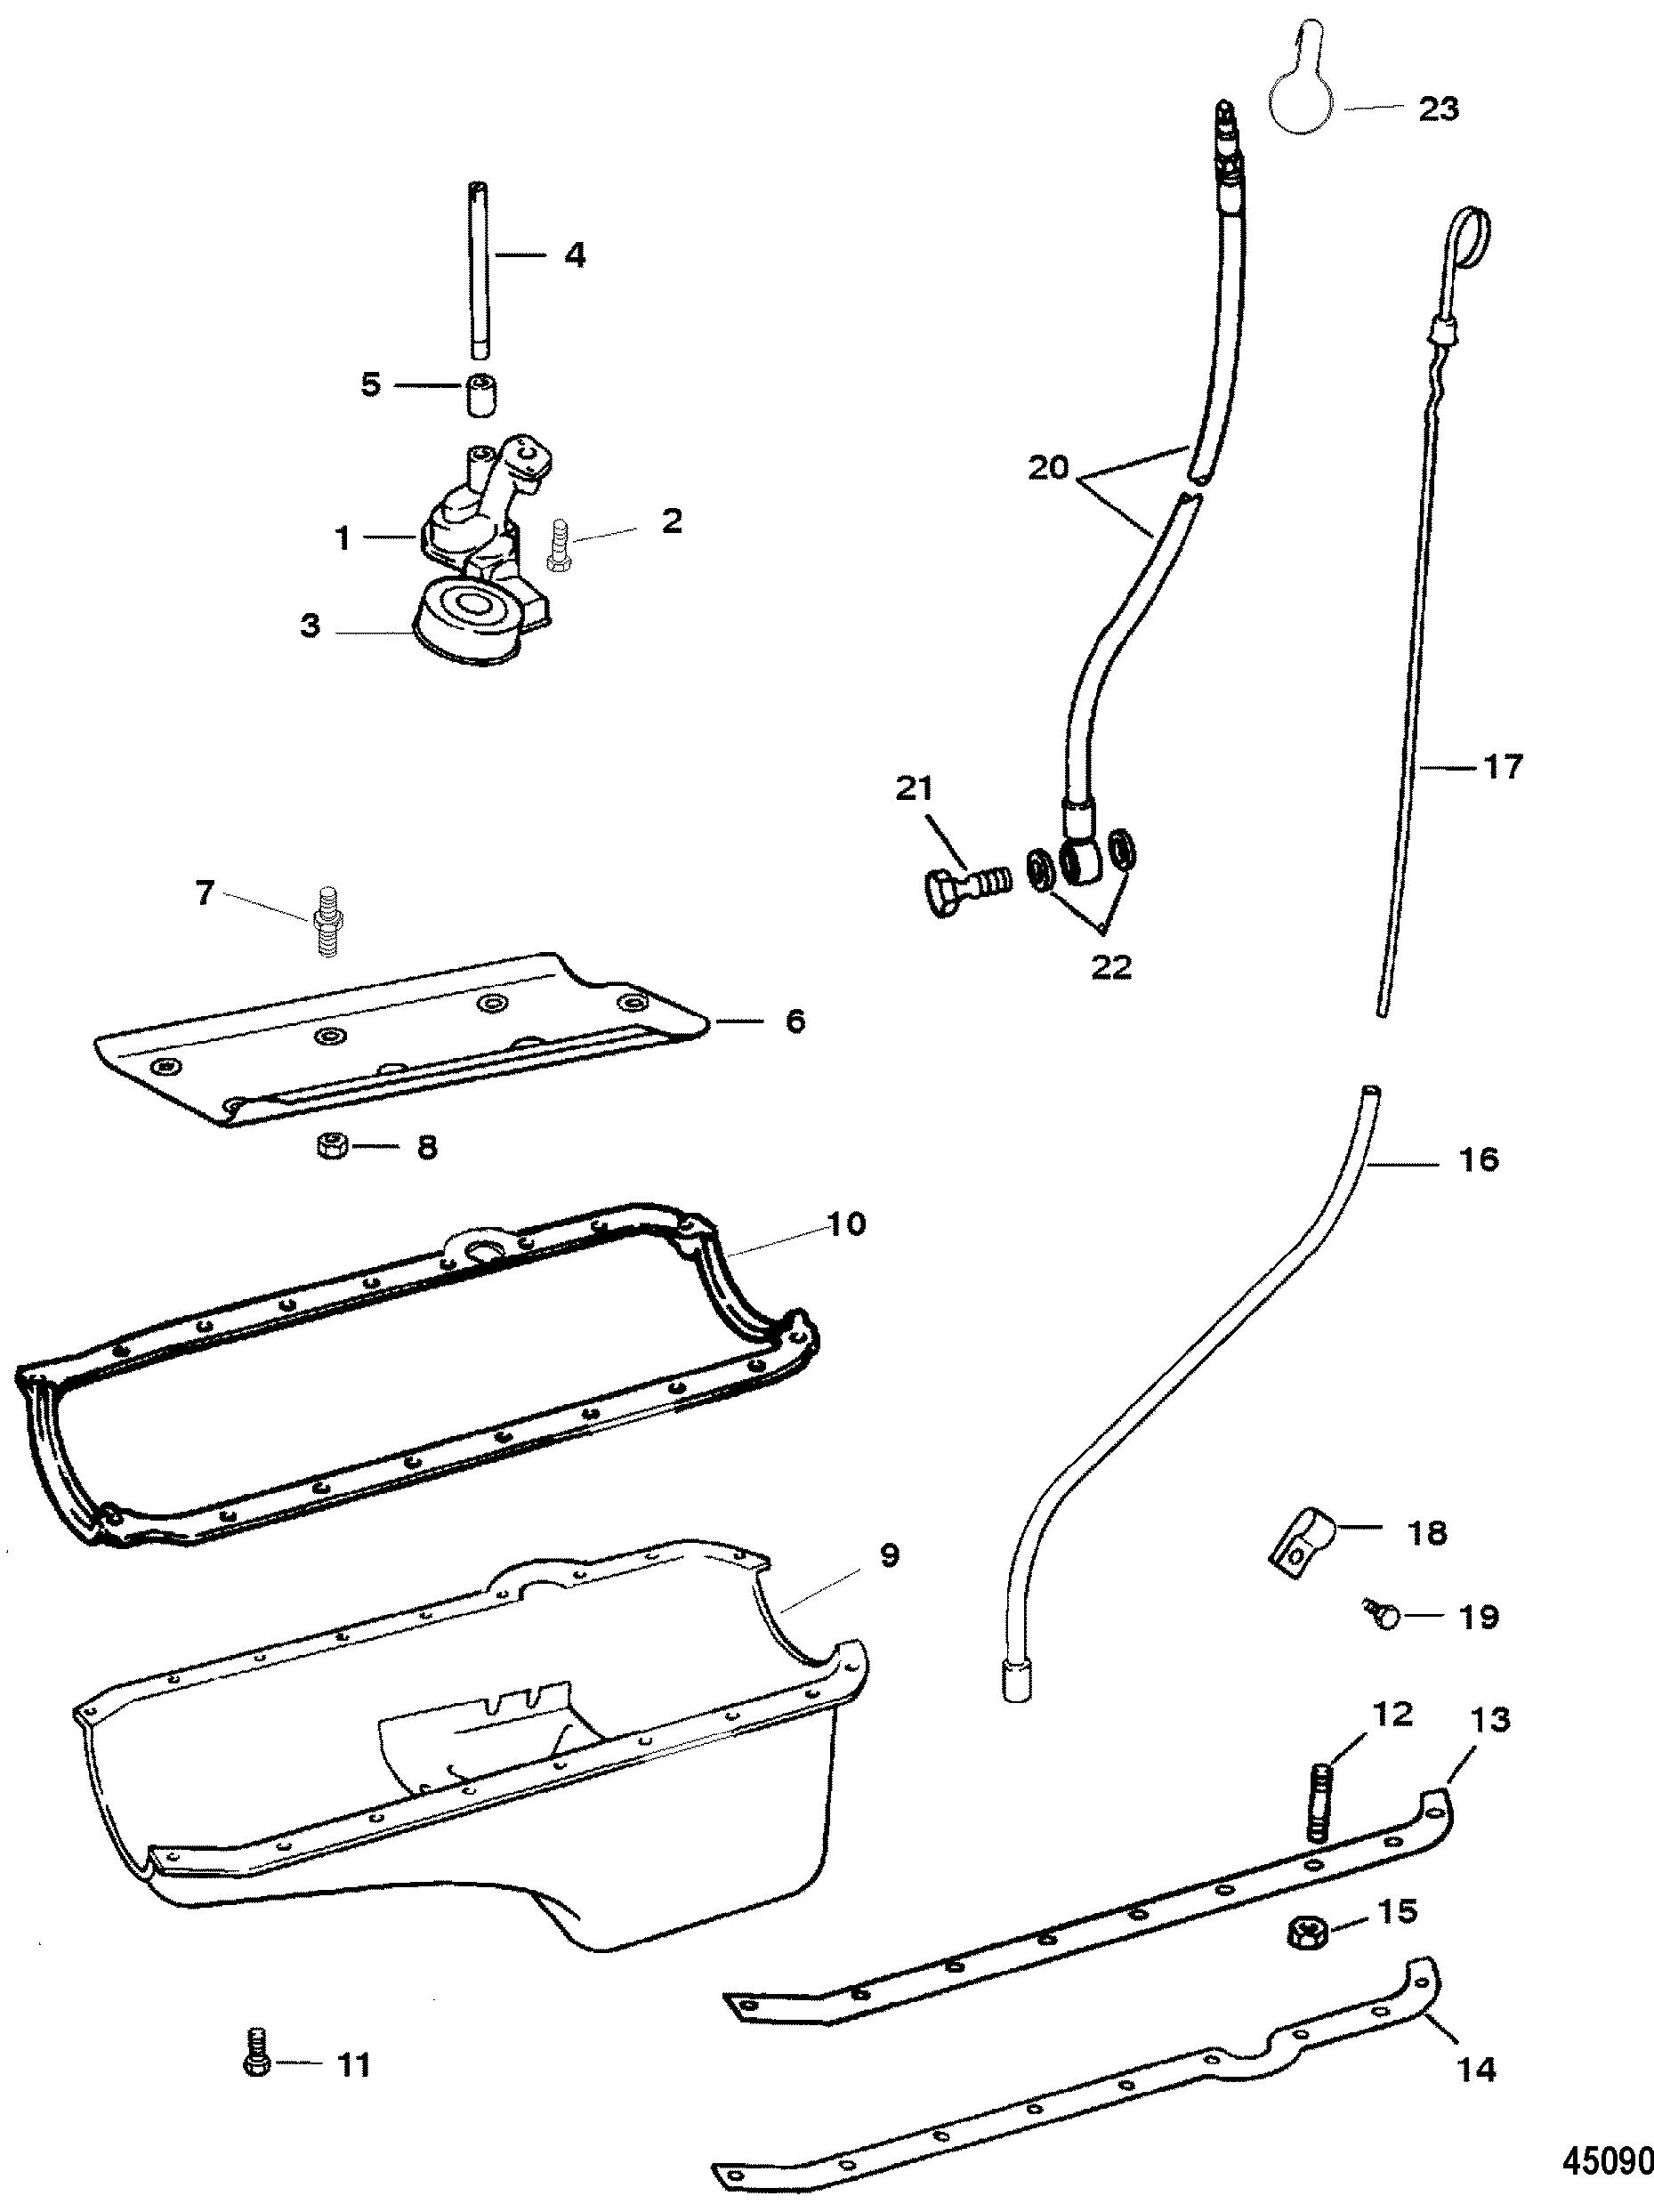 Oil Pan And Oil Pump For Mie 350 Mag Efi Tourn Ski